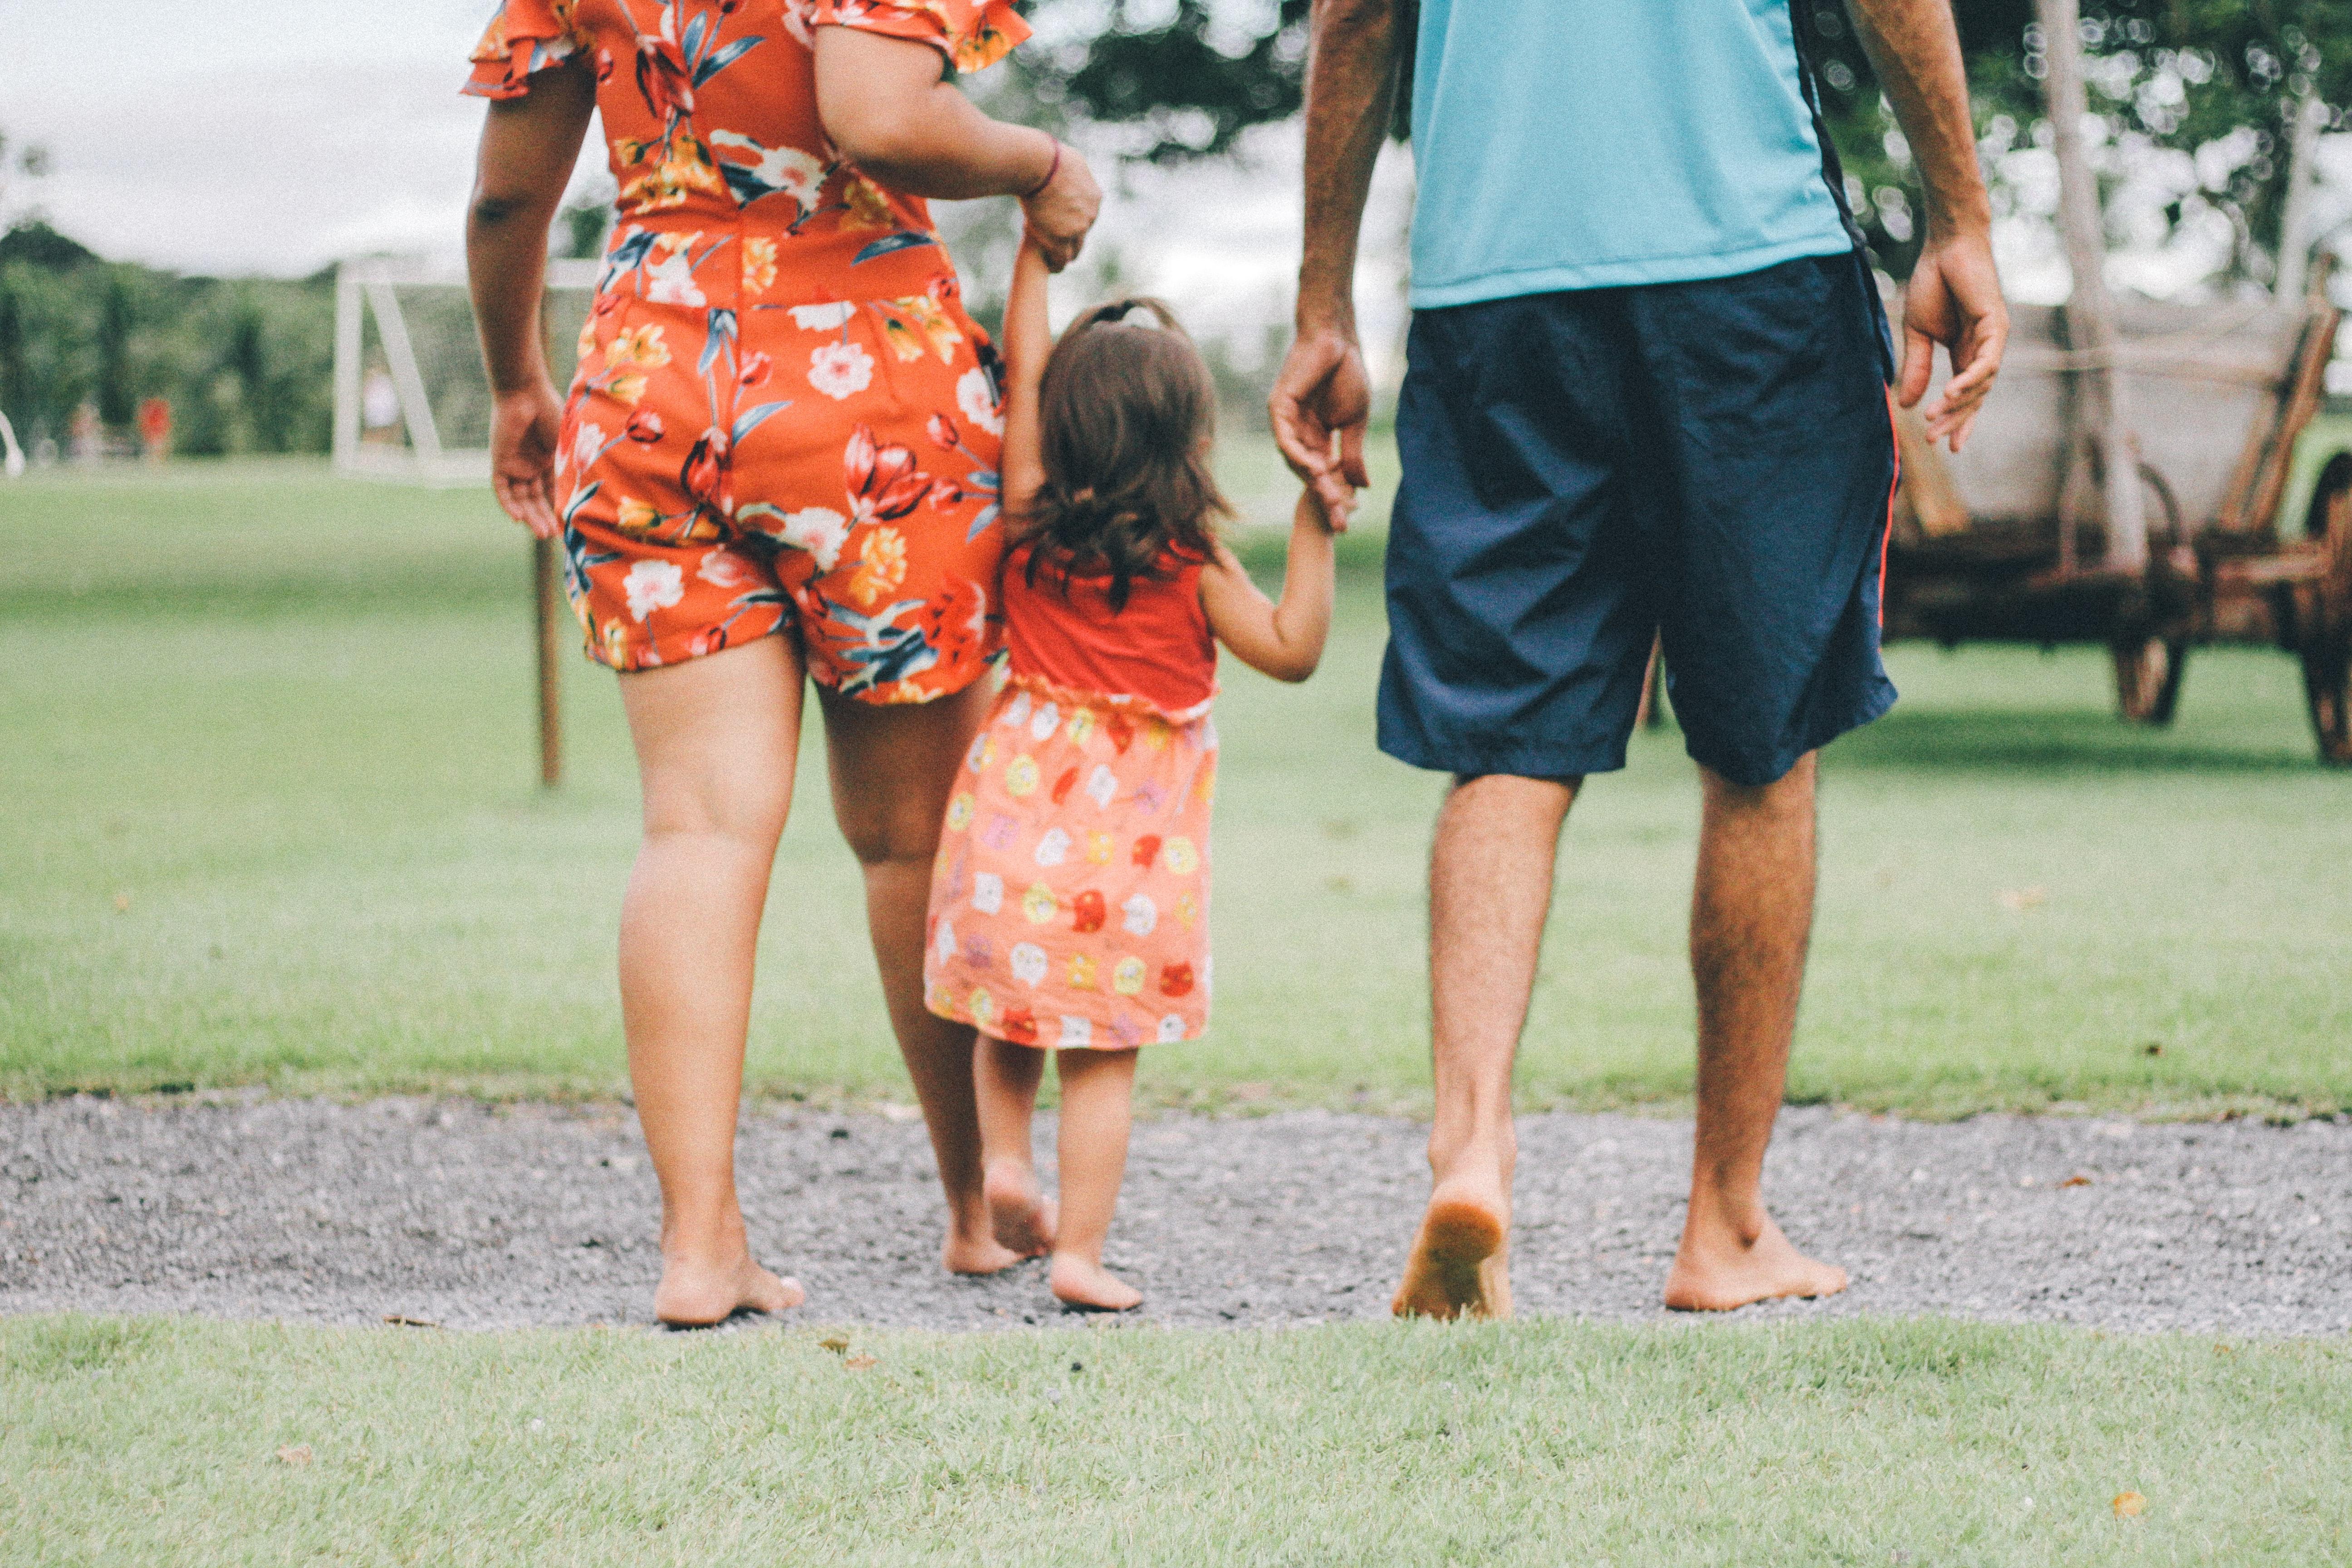 Family walking at a park.